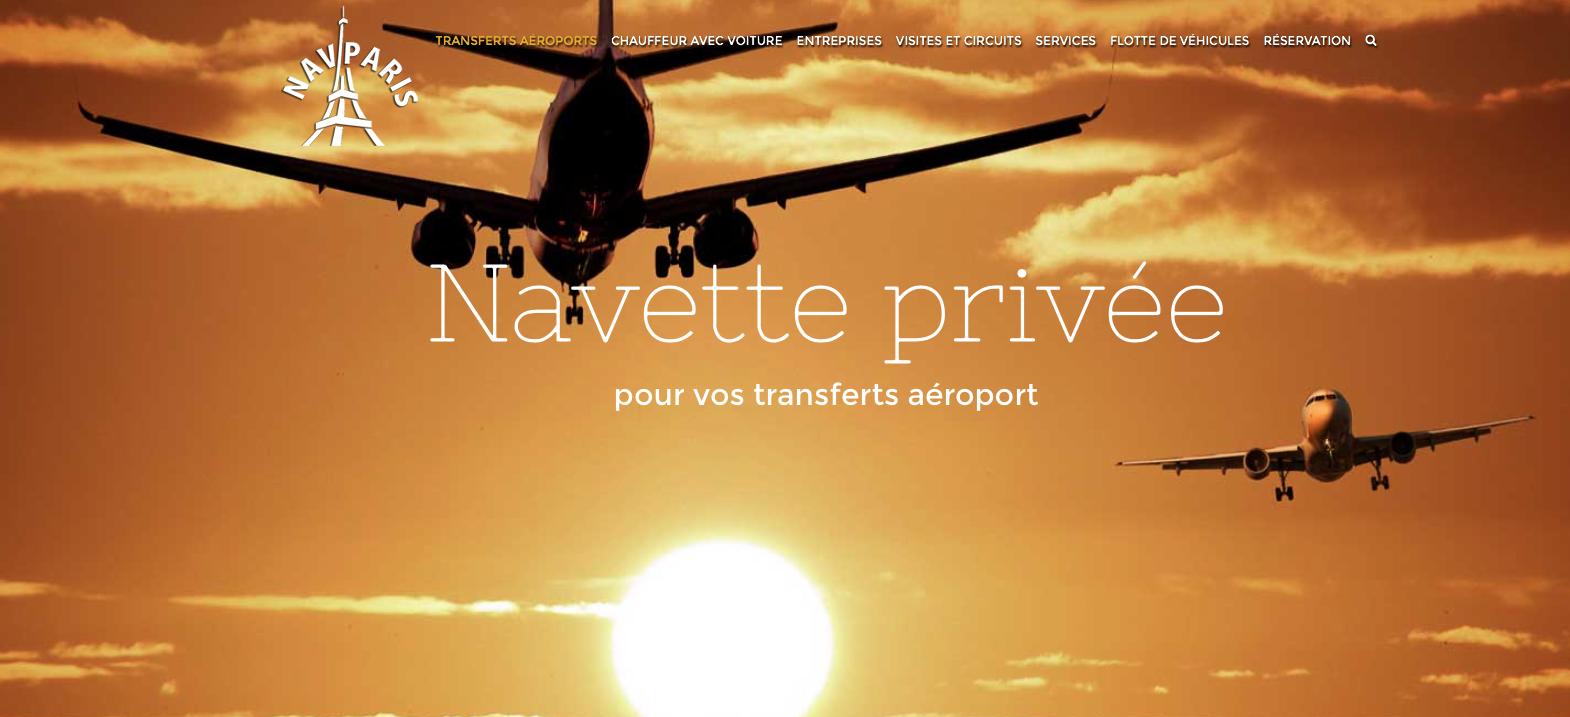 Atenao translates the Navparis website